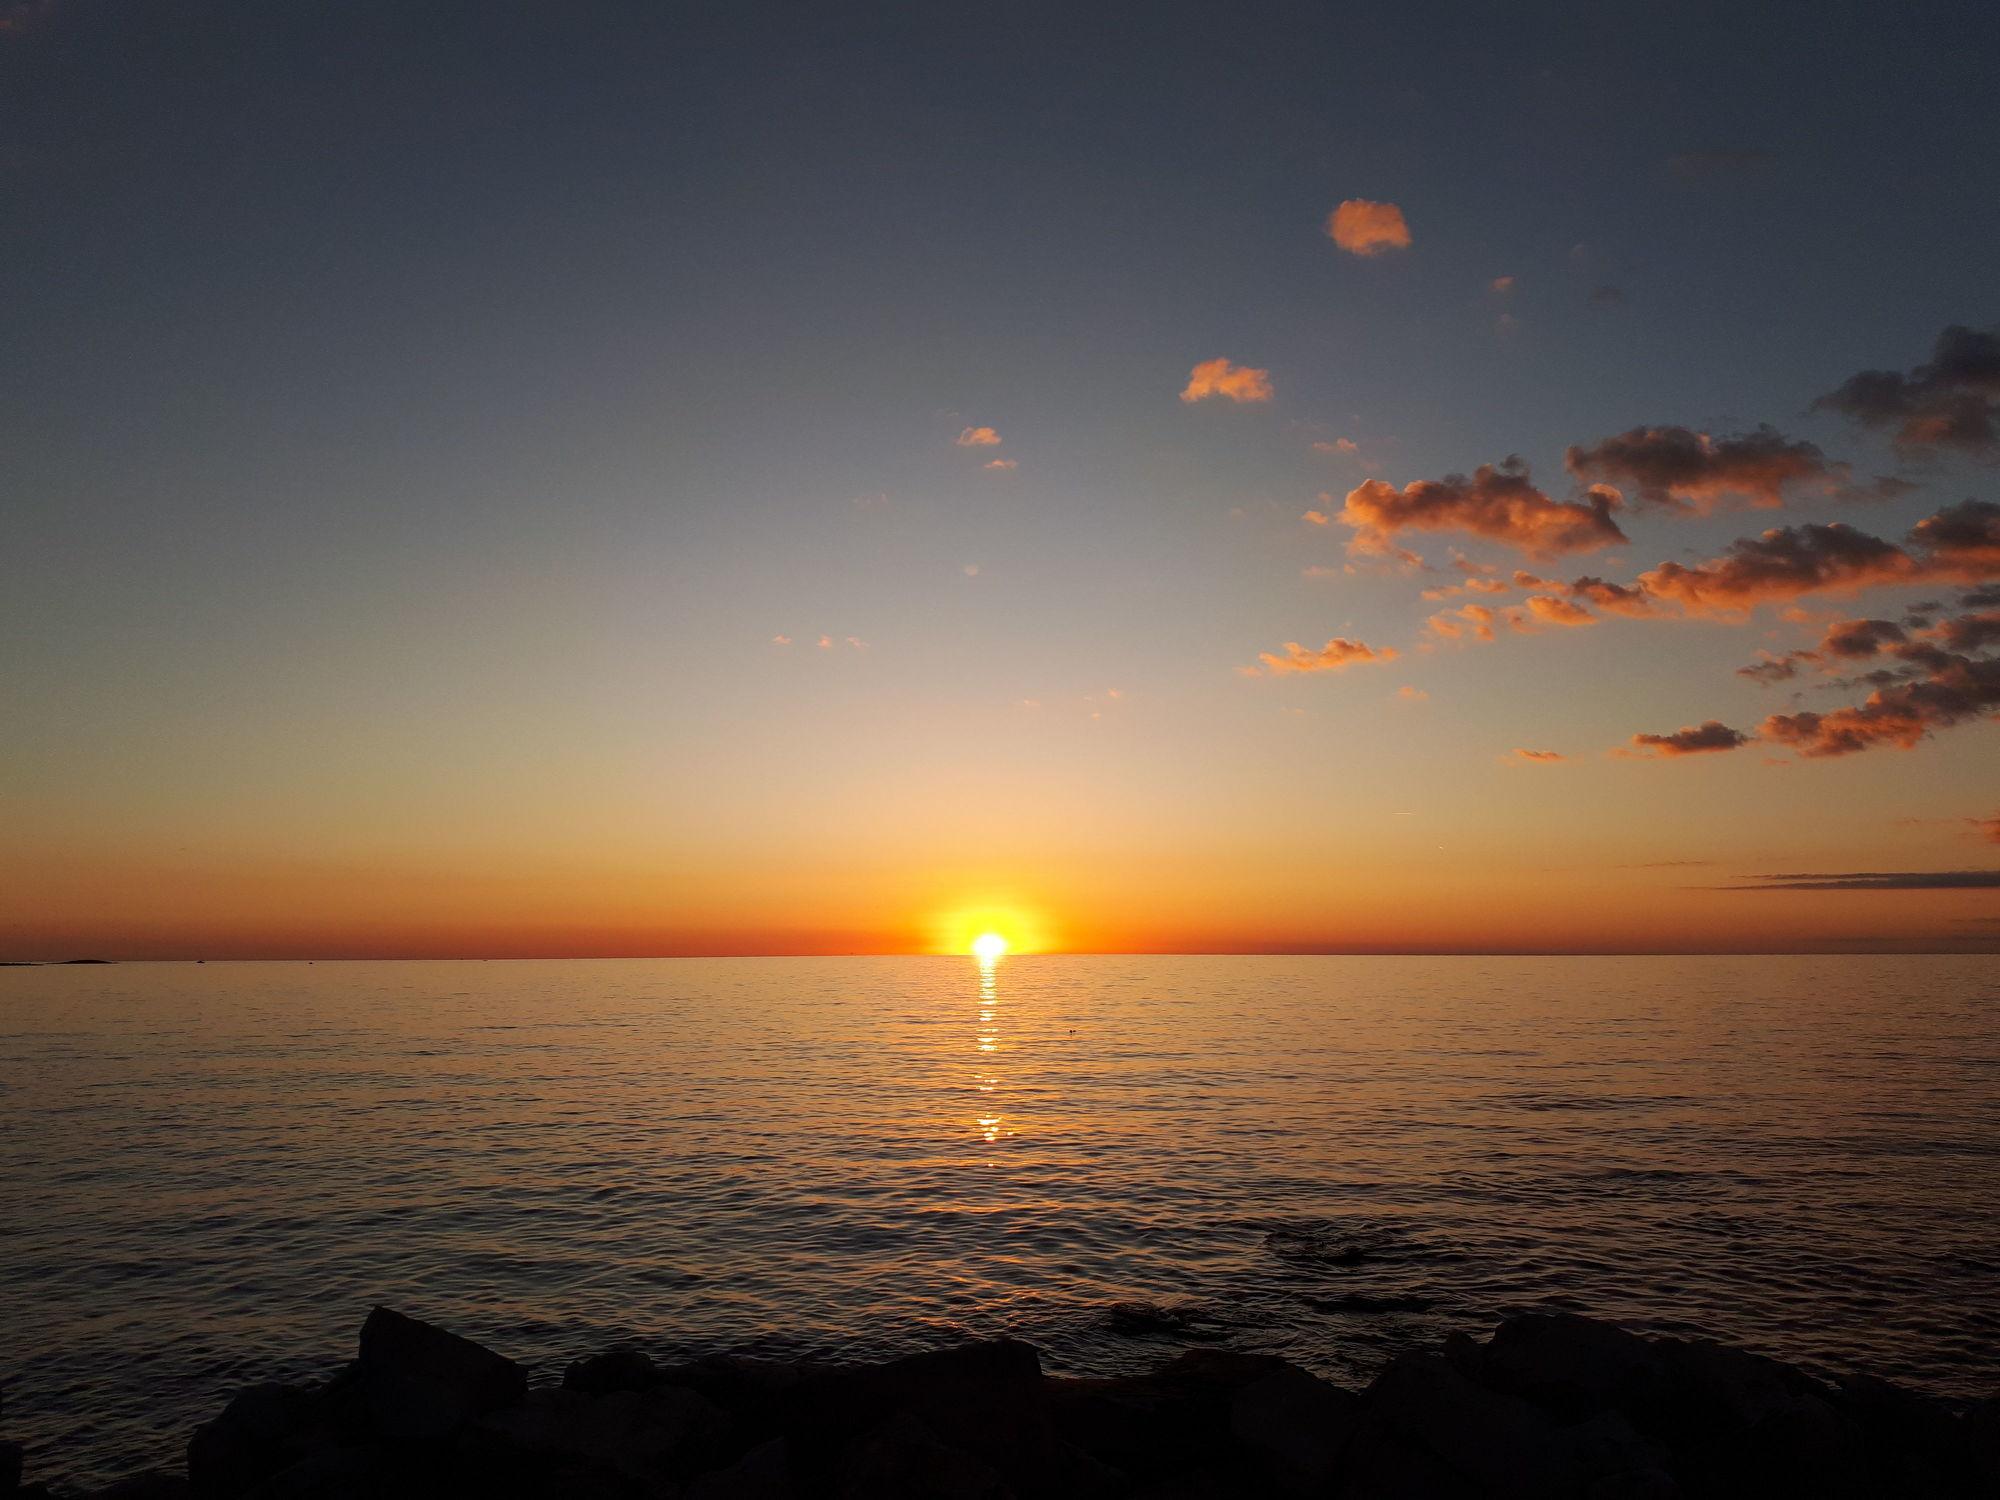 Bild mit Natur, Strände, Sonnenuntergang, Sonnenaufgang, Sonne, Strand, Meer, Sonnenschein, Sonnenuntergänge, Meerwasser, Abend